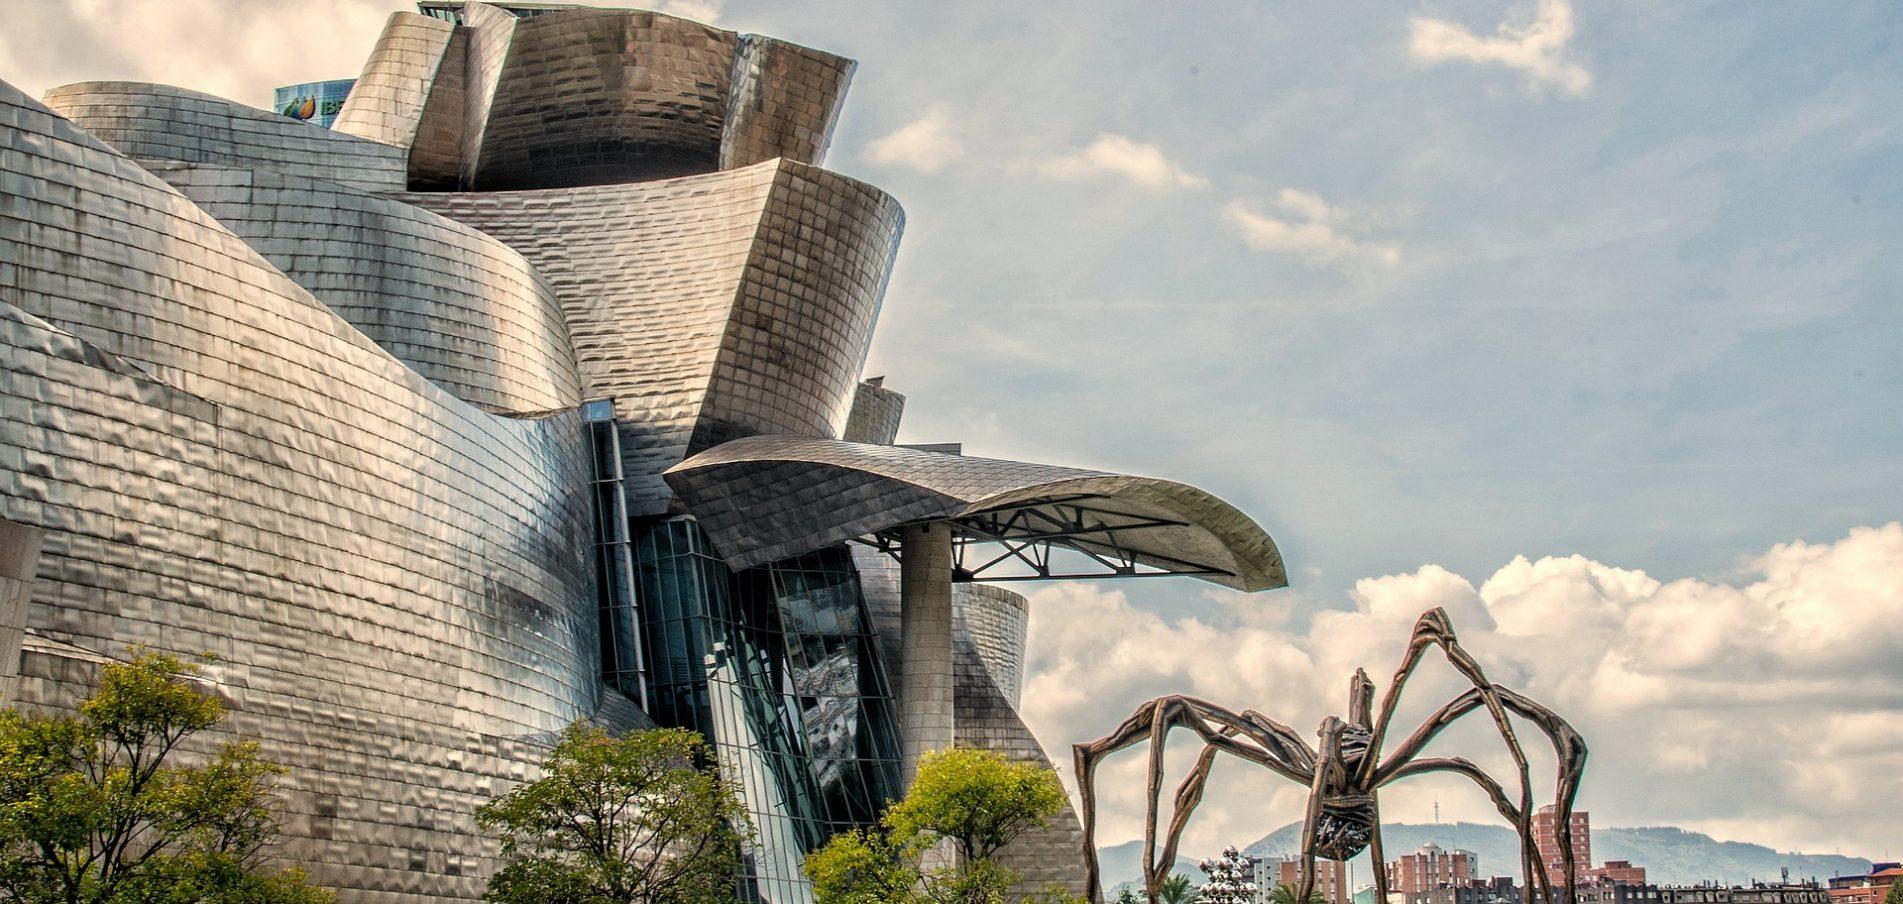 Willkommen in Bilbao  …das Herz und die Seele Baskenlandes!